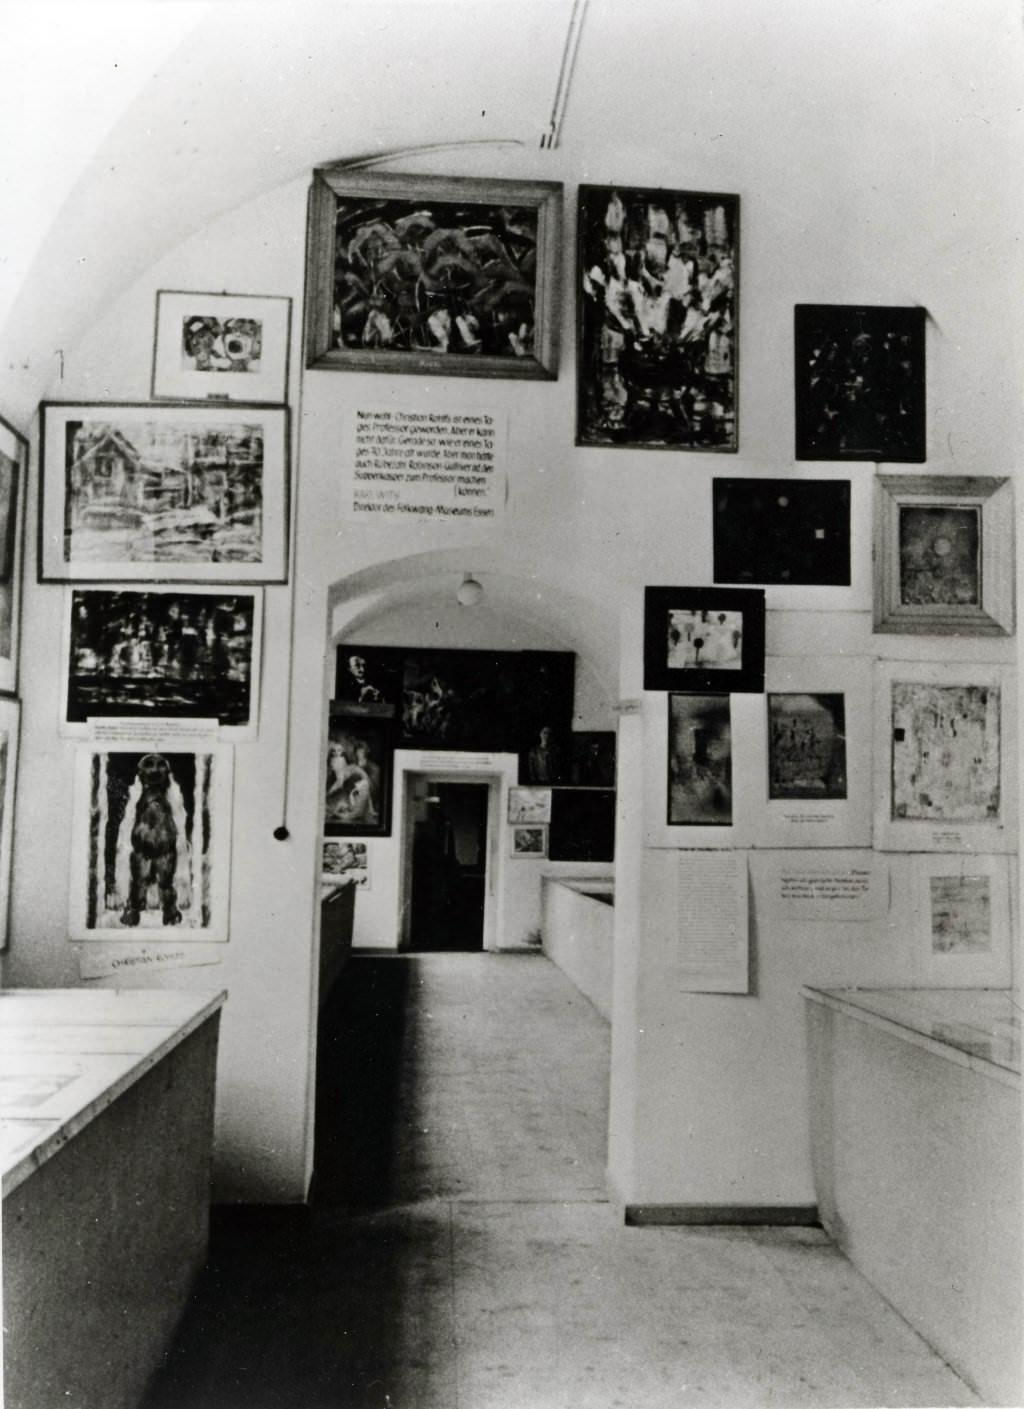 Abb. 13  Blick in Raum 2 im Erdgeschoss der Ausstellung »Entartete Kunst«, München 1937. © Zentrum Paul Klee, Bildarchiv